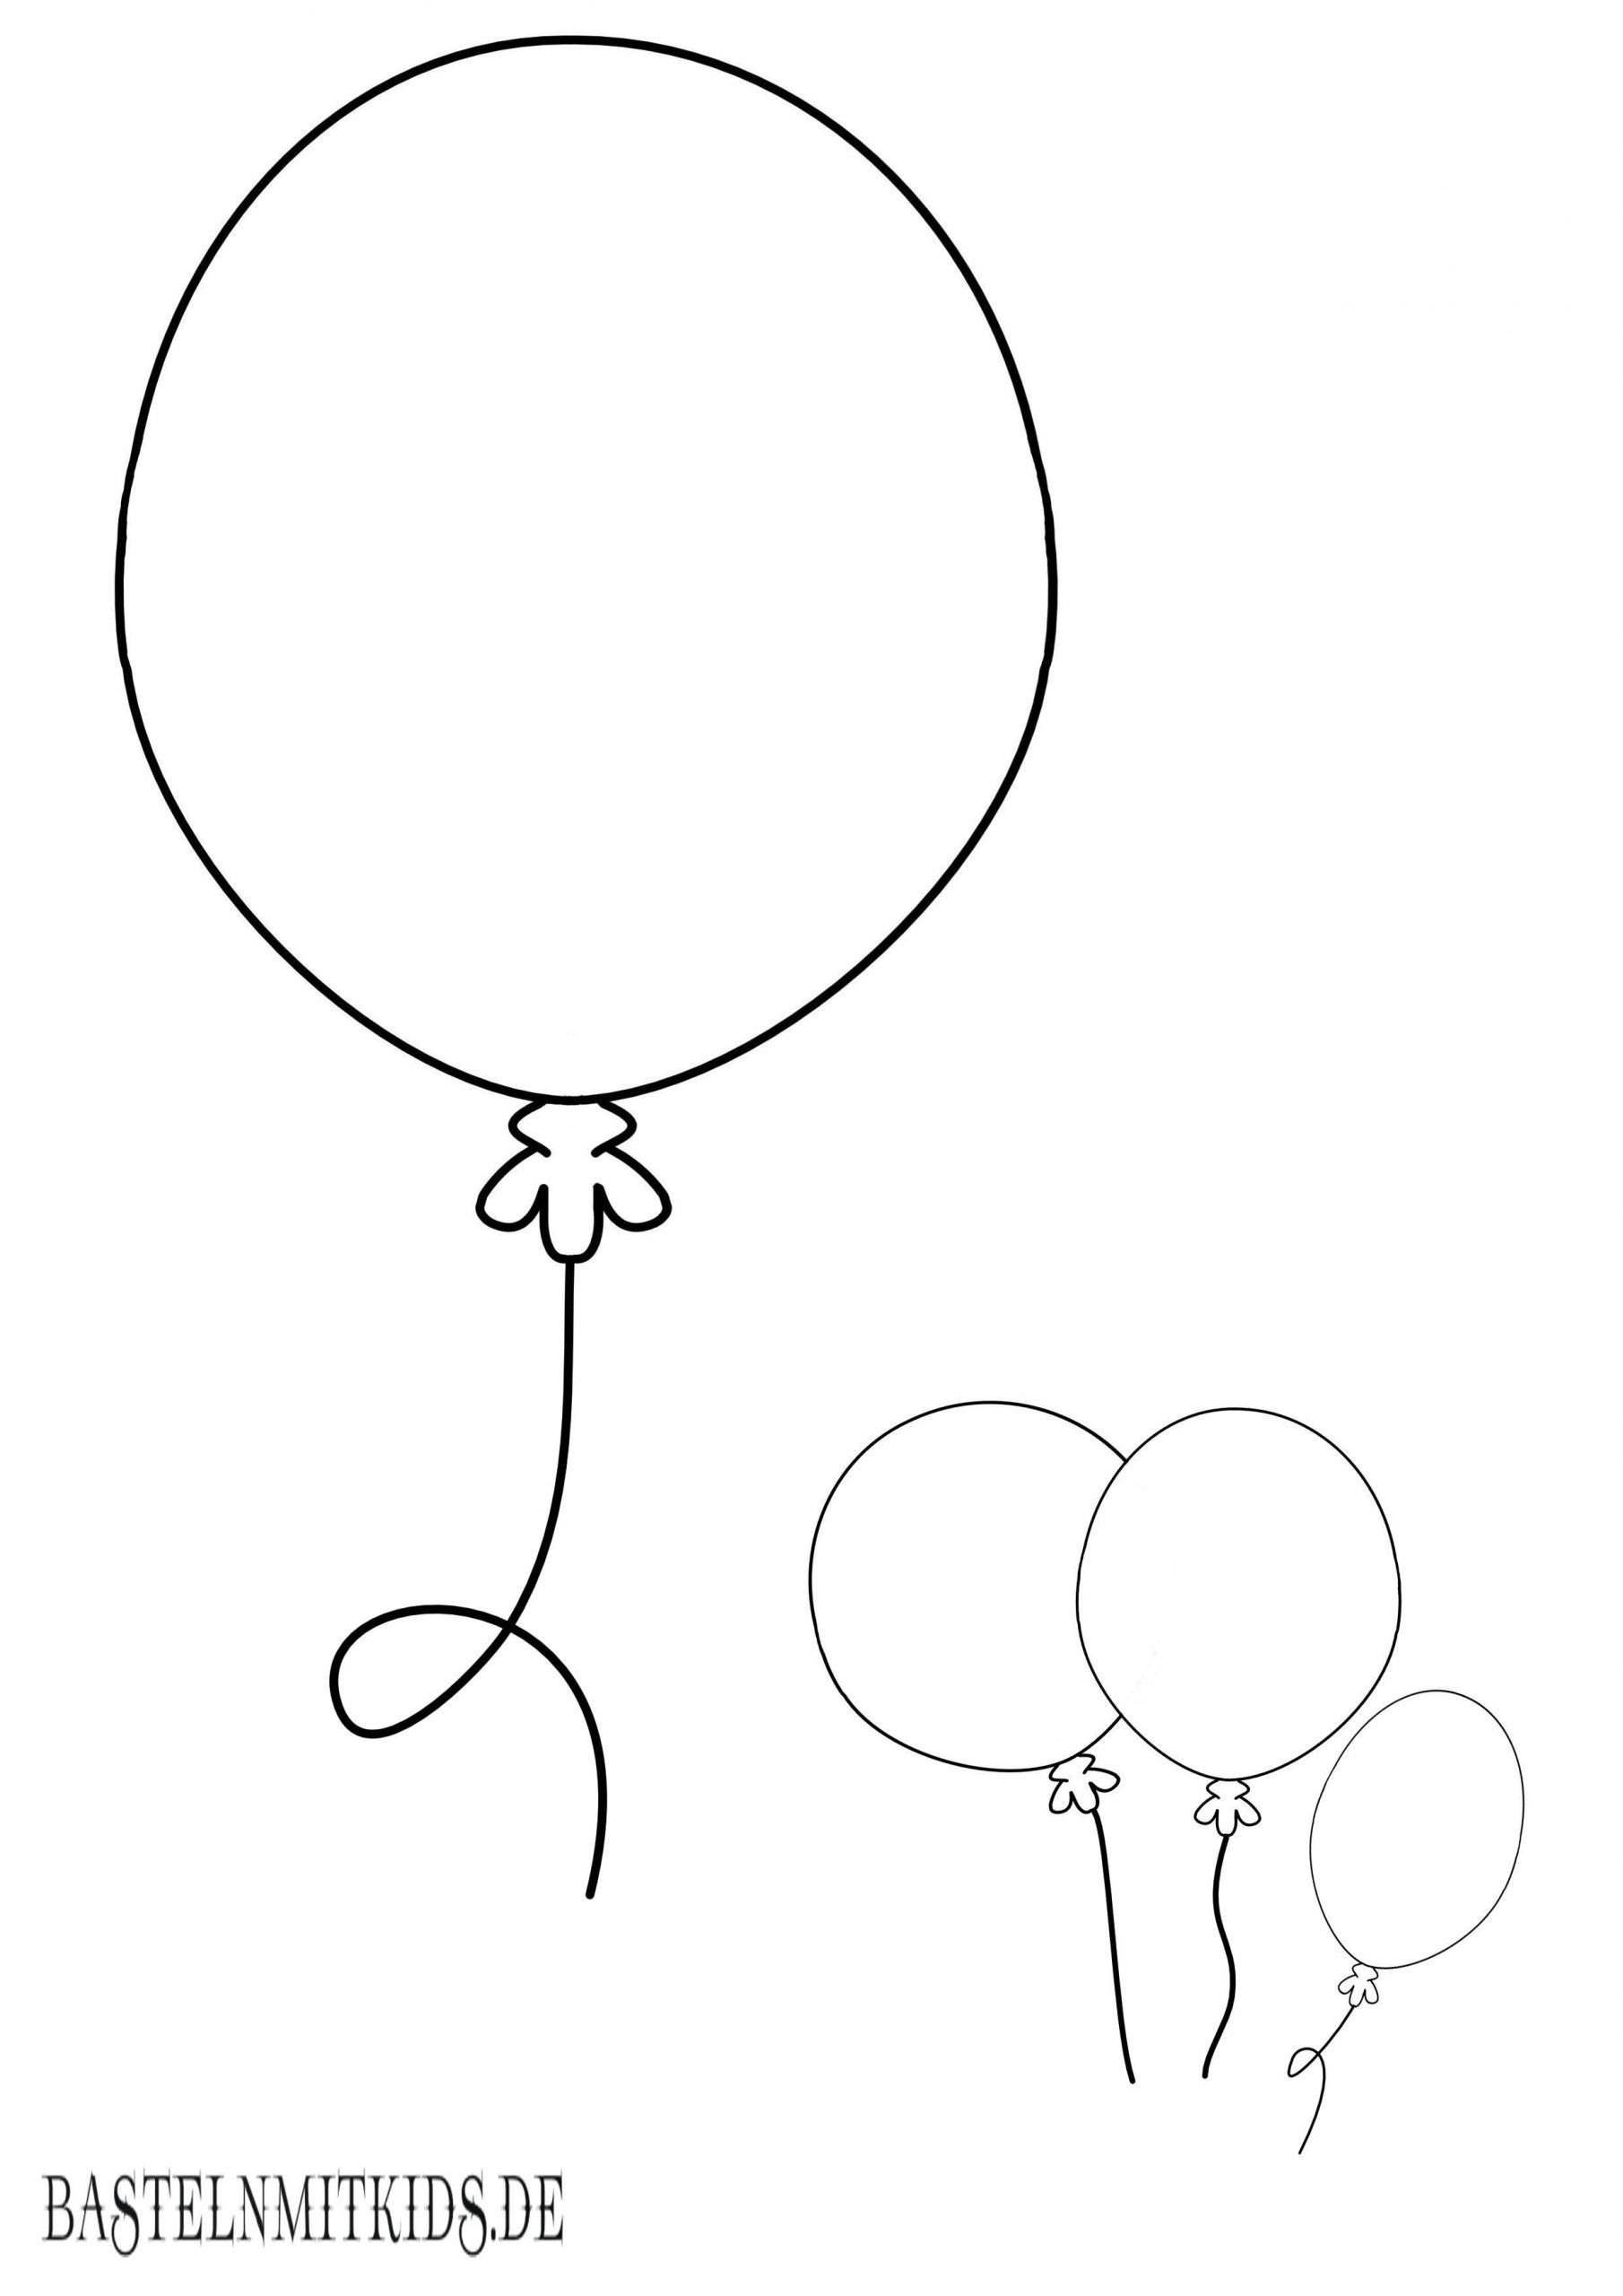 Malvorlagen Und Briefpapier Gratis Zum Drucken - Basteln Mit mit Luftballons Zum Ausmalen